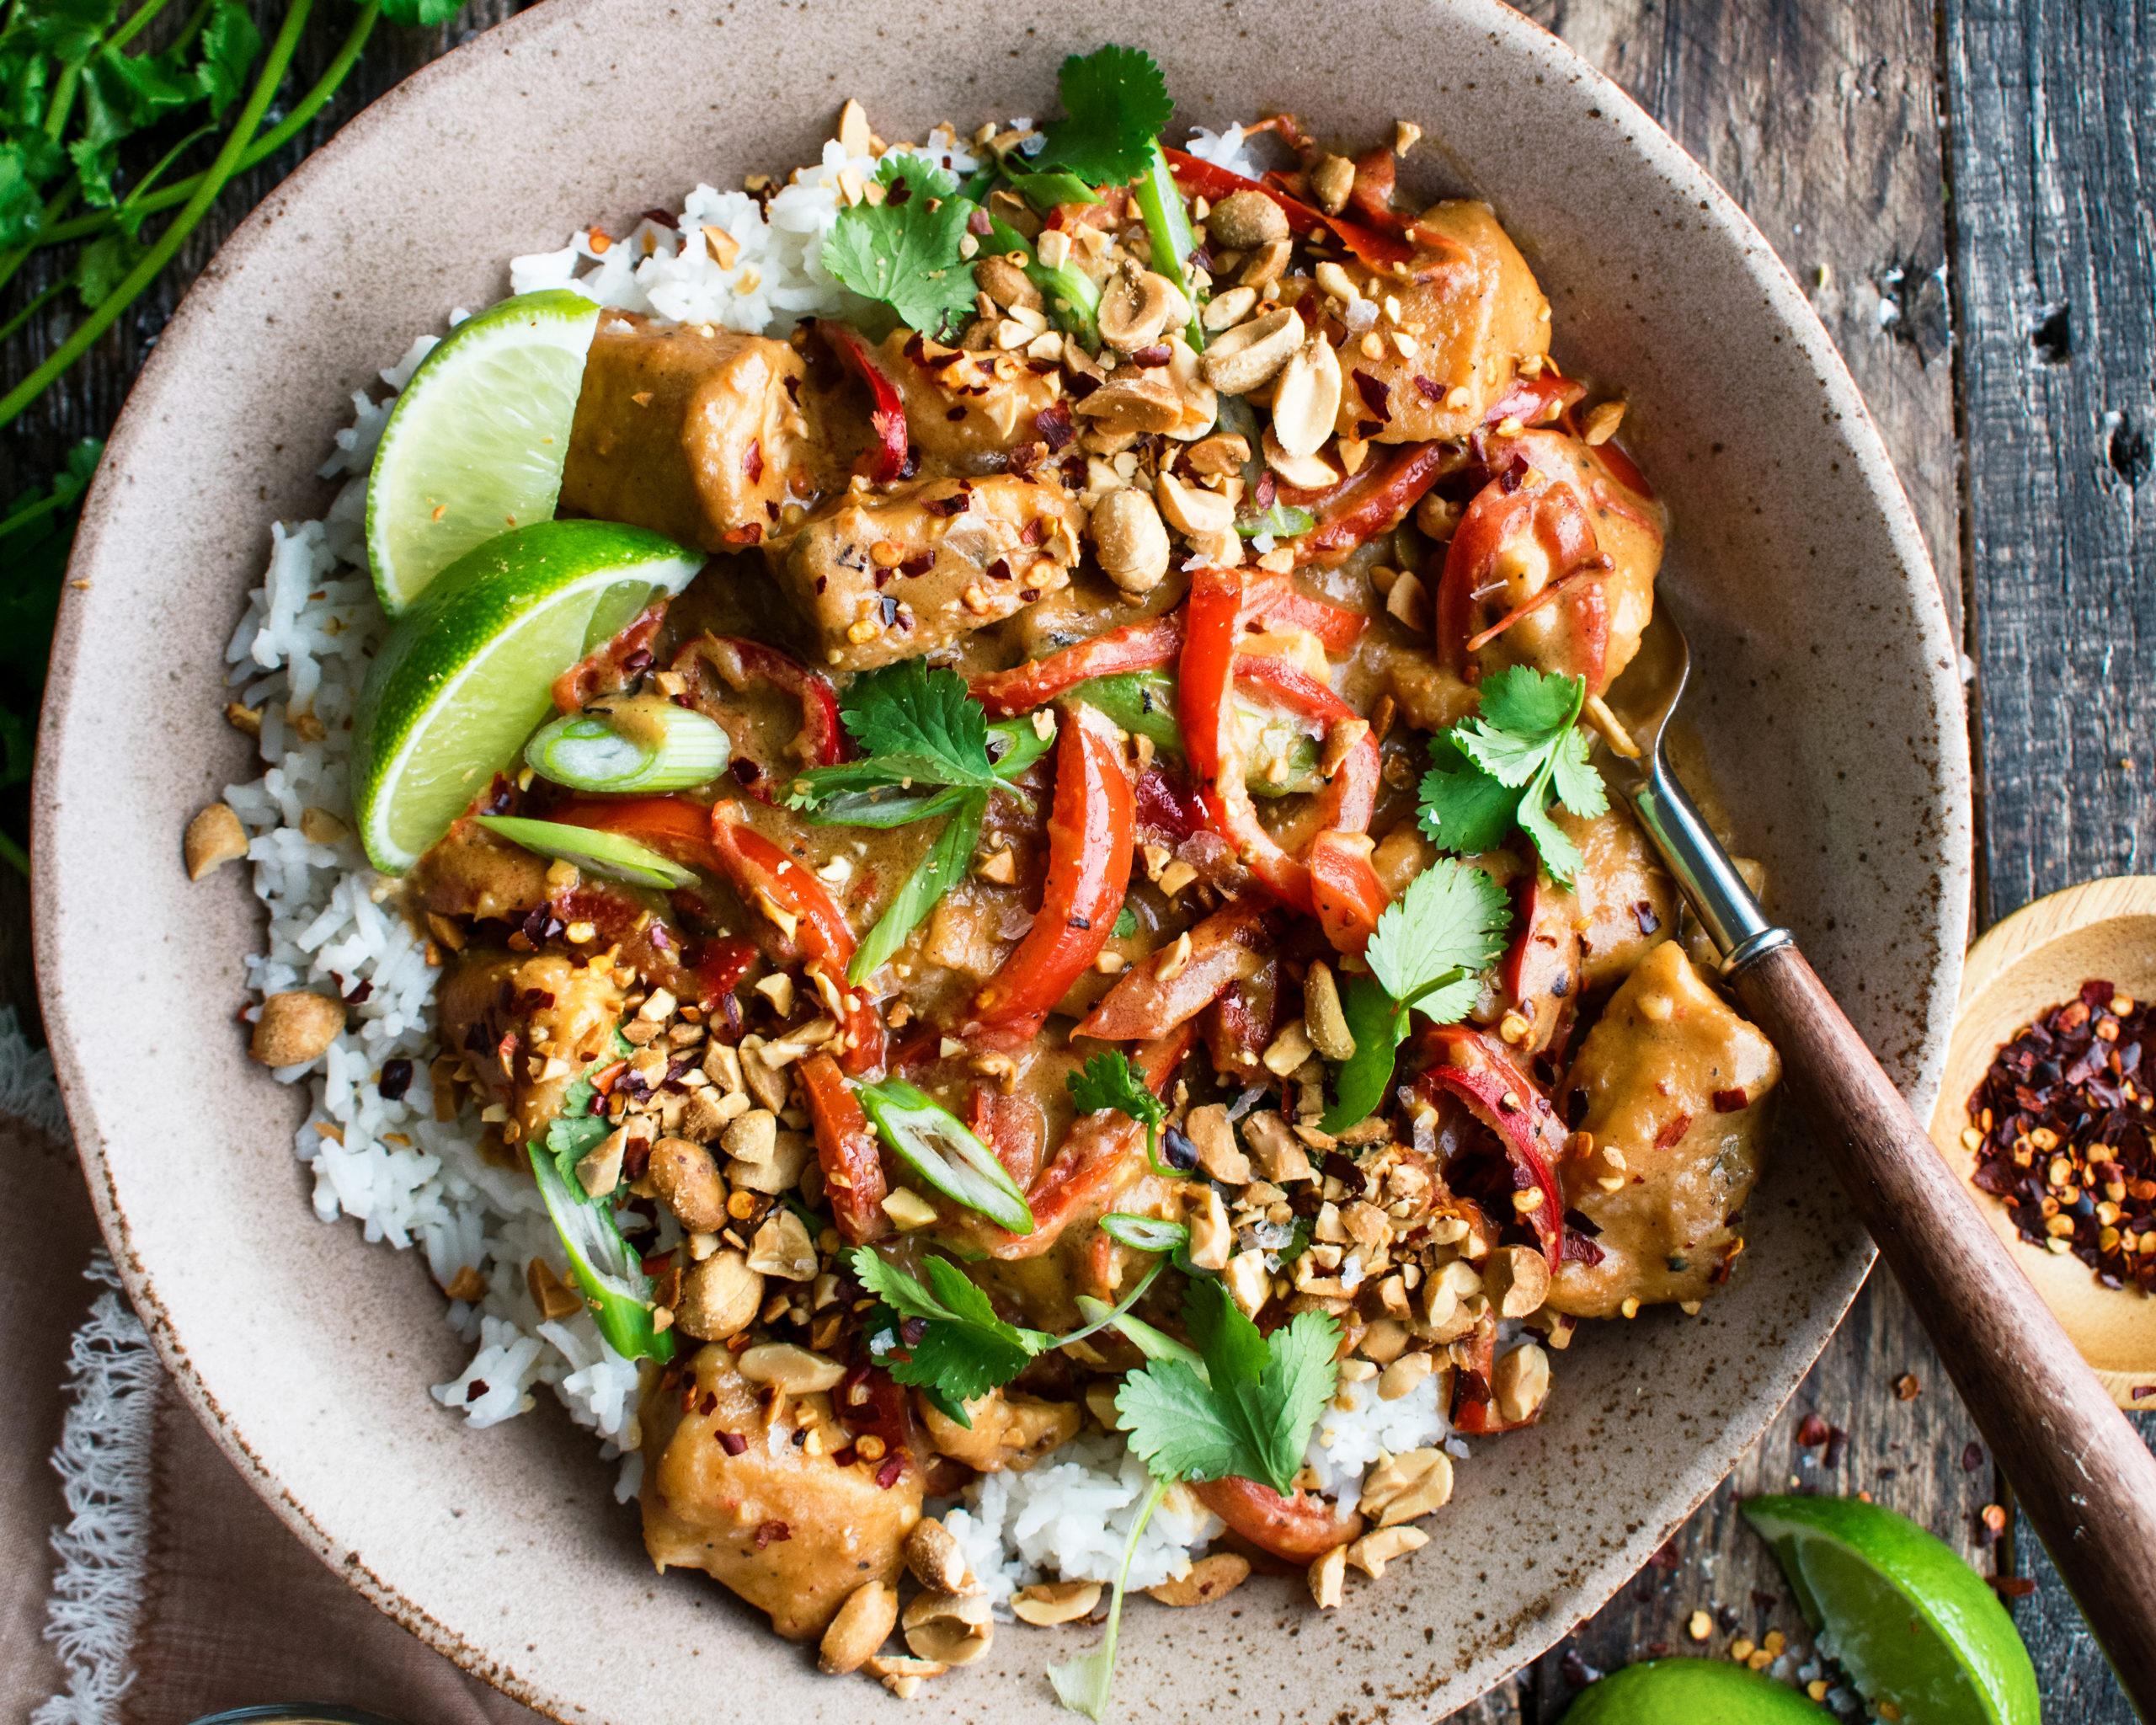 Spicy Thai Peanut Chicken - The Original Dish